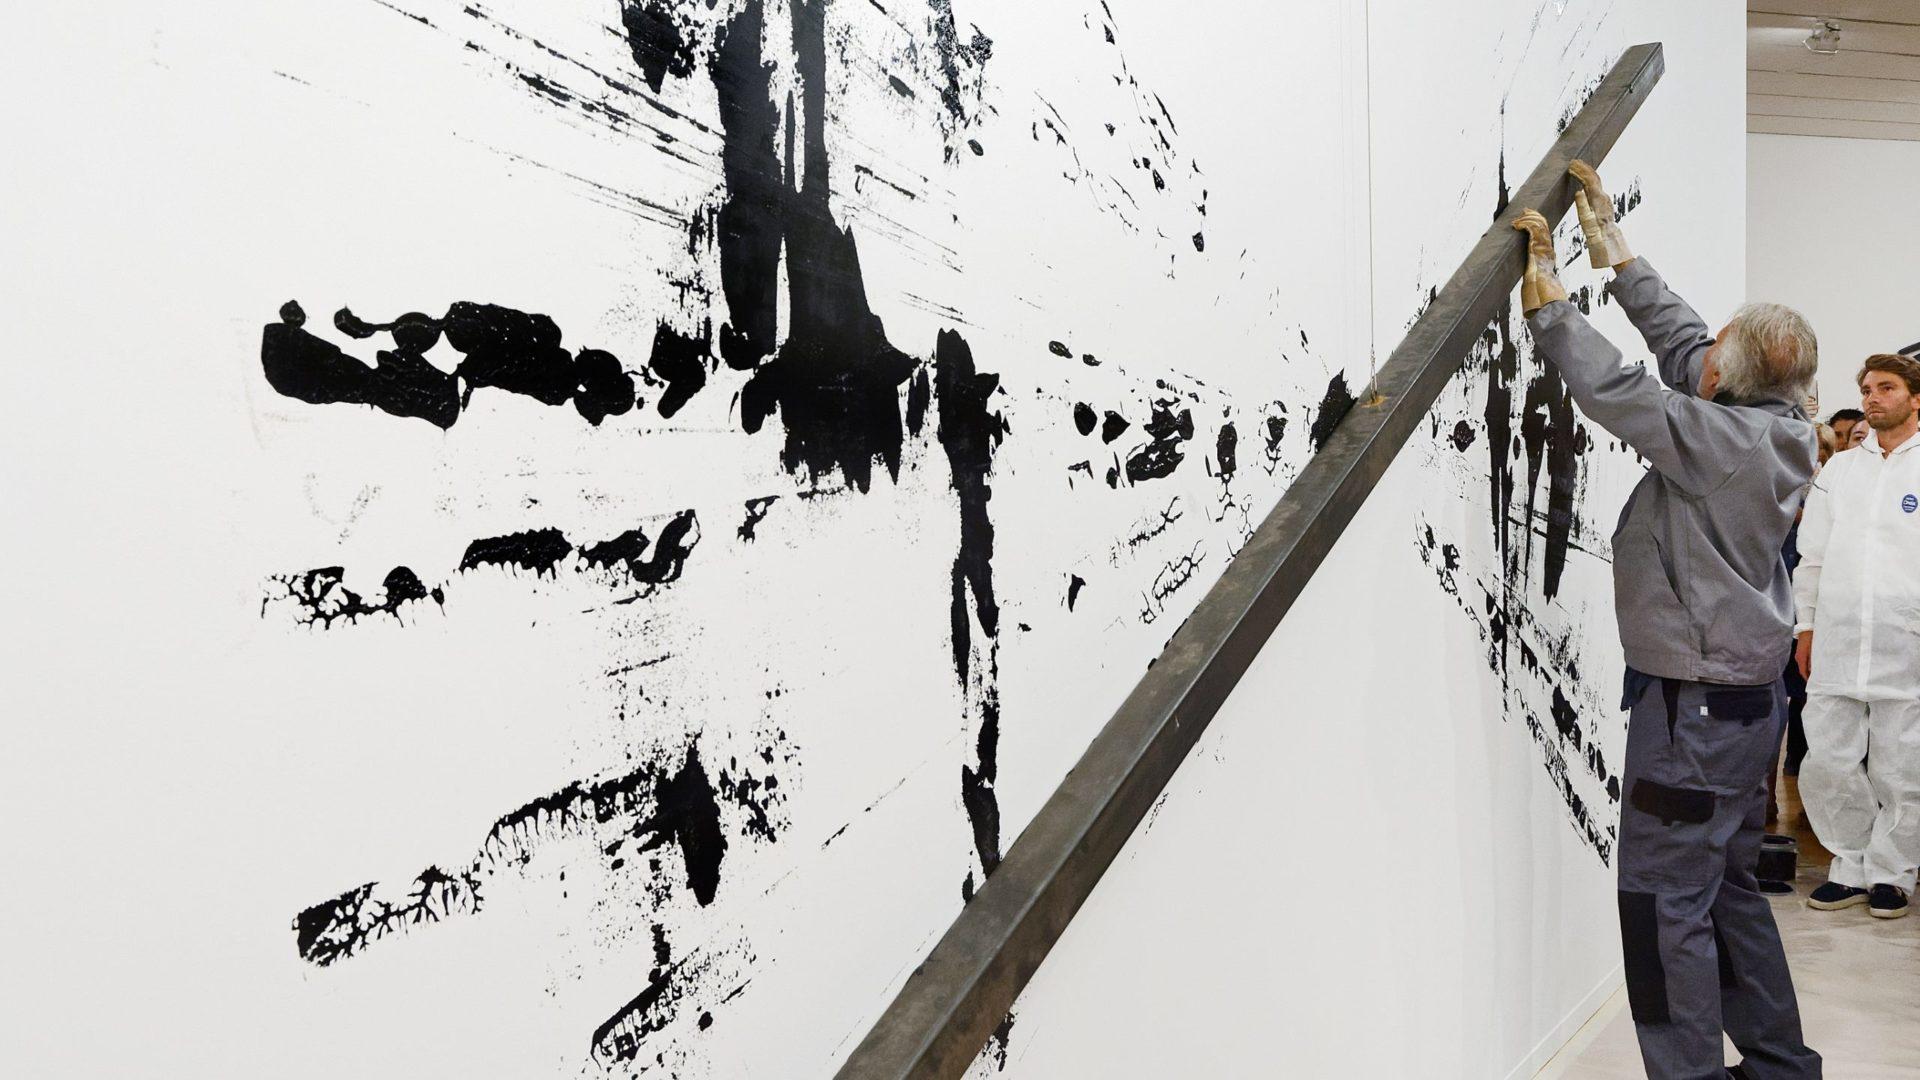 Must-see exhibitions in Hong Kong - Bernar Venet